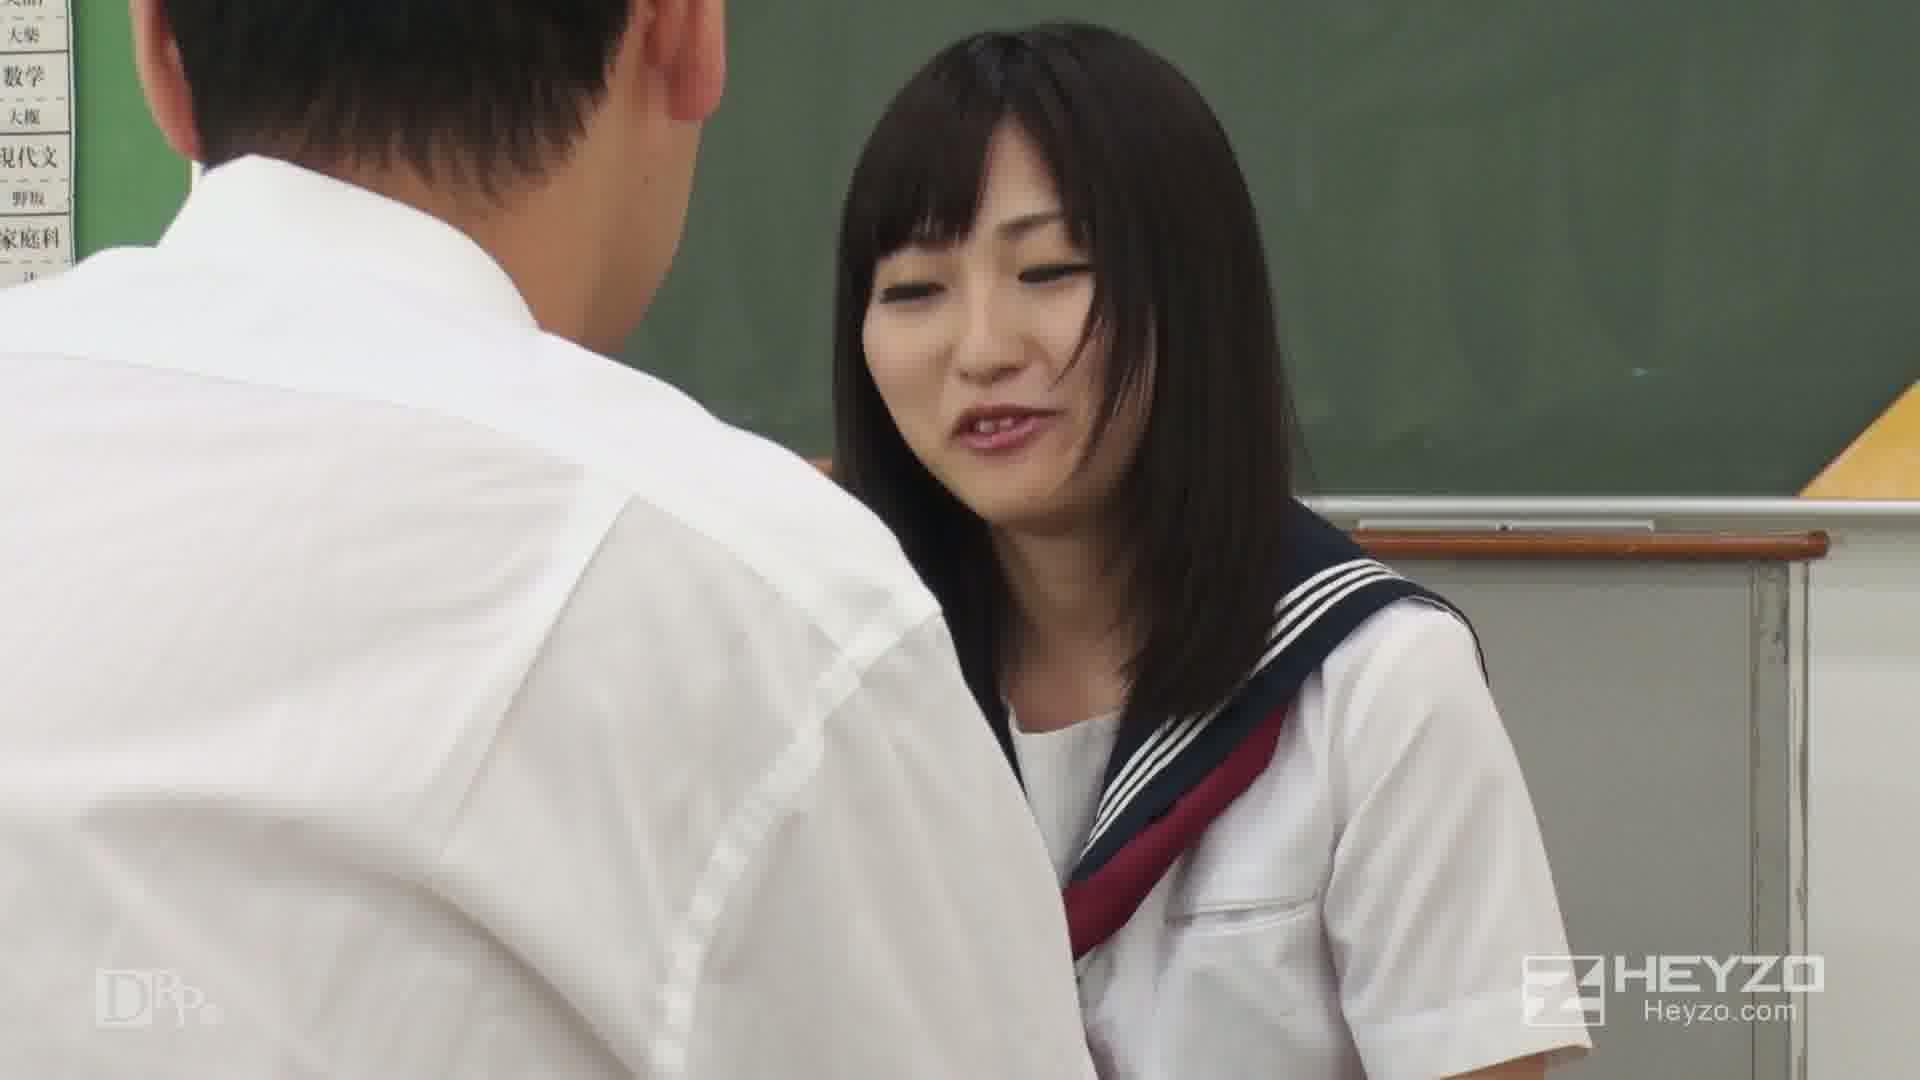 放課後の教室で... - 琴吹まりあ【パワハラ 指マン】